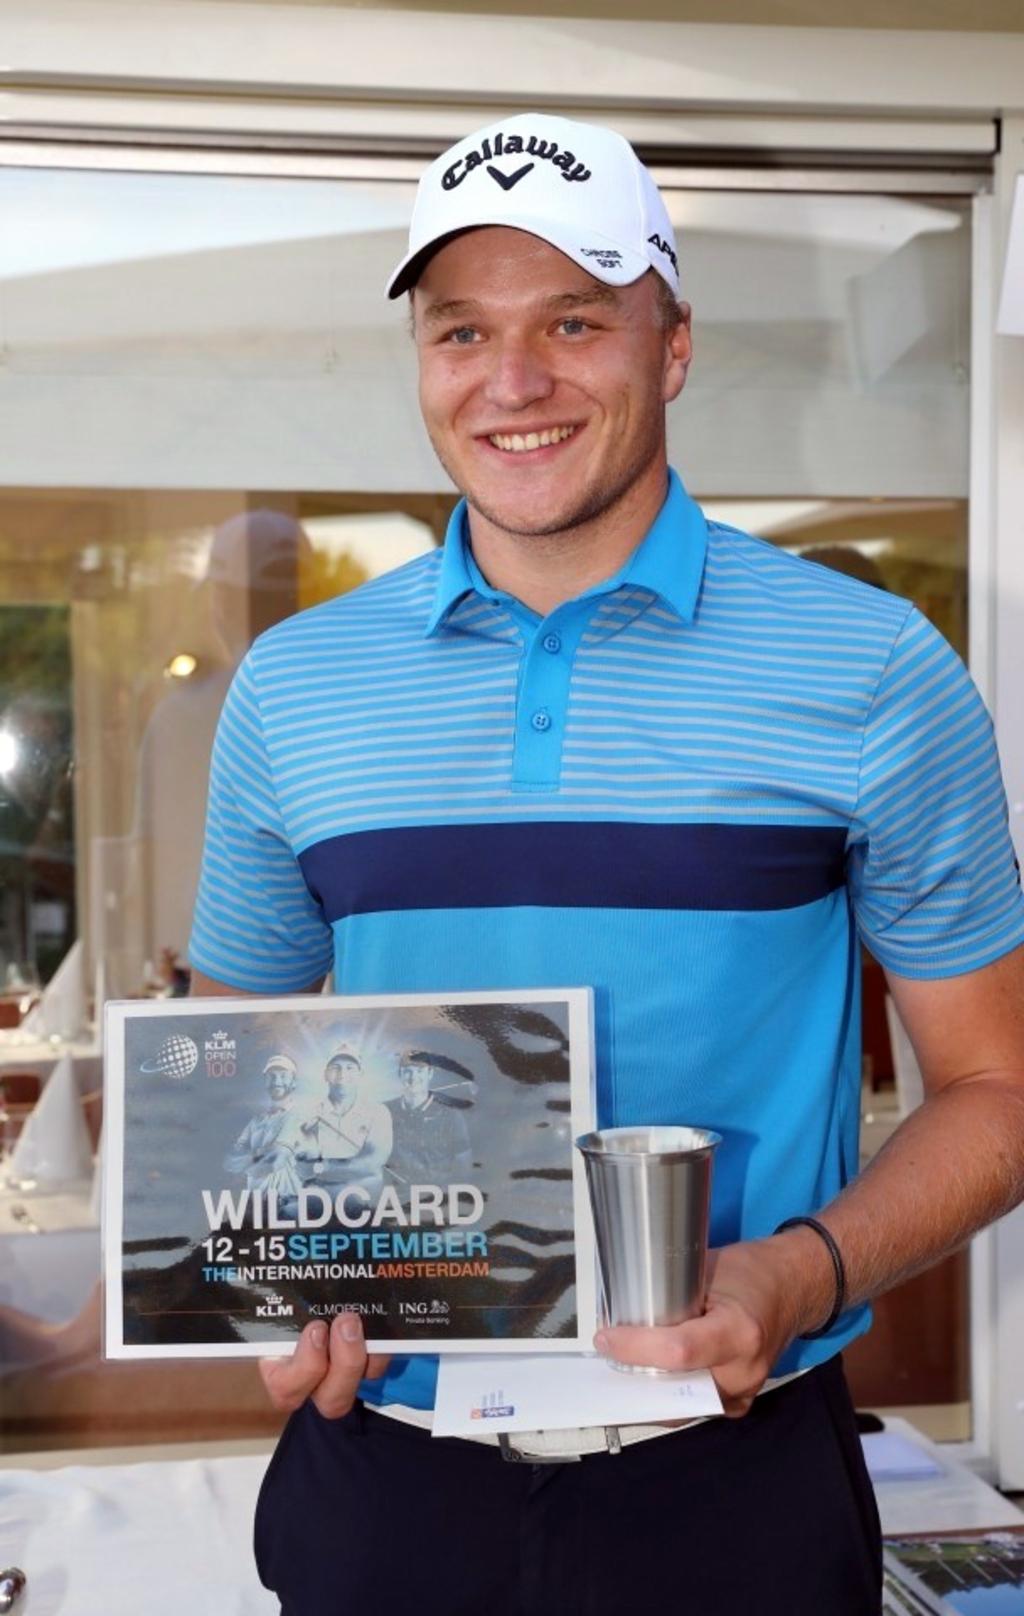 Geurts na het Dutch Amateur met de wildcard voor het KLM Open. (Foto: ) © rodi